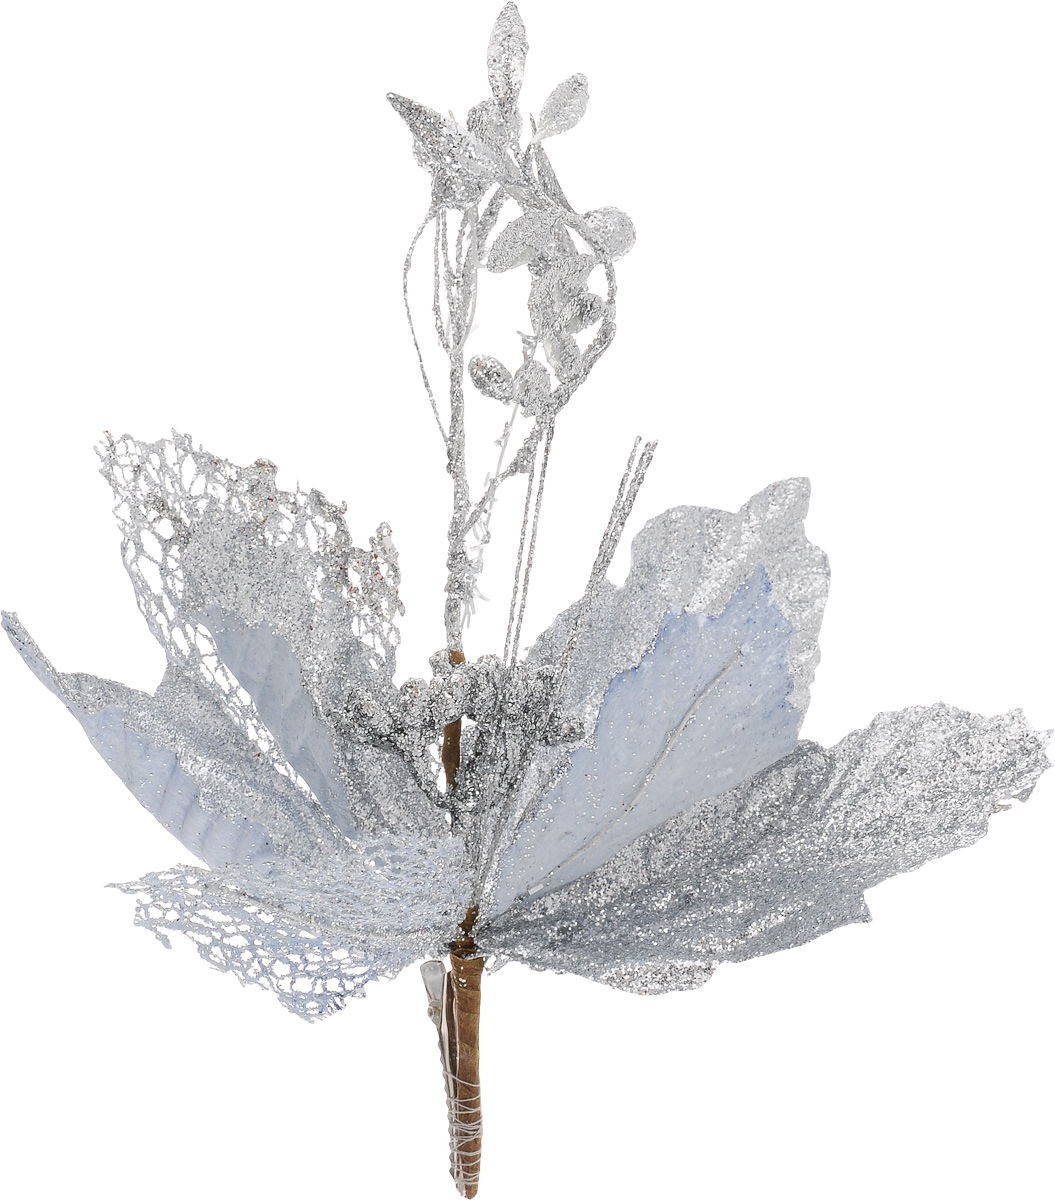 Украшение новогоднее Феникс-Презент Цветок, на клипсе, цвет: серебристый, длина 22 смNLED-454-9W-BKНовогоднее украшение Феникс-Презент Цветок выполнено из поливинилхлорида в форме цветка на клипсе. Украшение можно прикрепить в любом понравившемся вам месте. Но, конечно, удачнее всего оно будет смотреться на праздничной елке.Елочная игрушка - символ Нового года. Она несет в себе волшебство и красоту праздника. Создайте в своем доме атмосферу веселья и радости, украшая новогоднюю елку нарядными игрушками, которые будут из года в год накапливать теплоту воспоминаний.